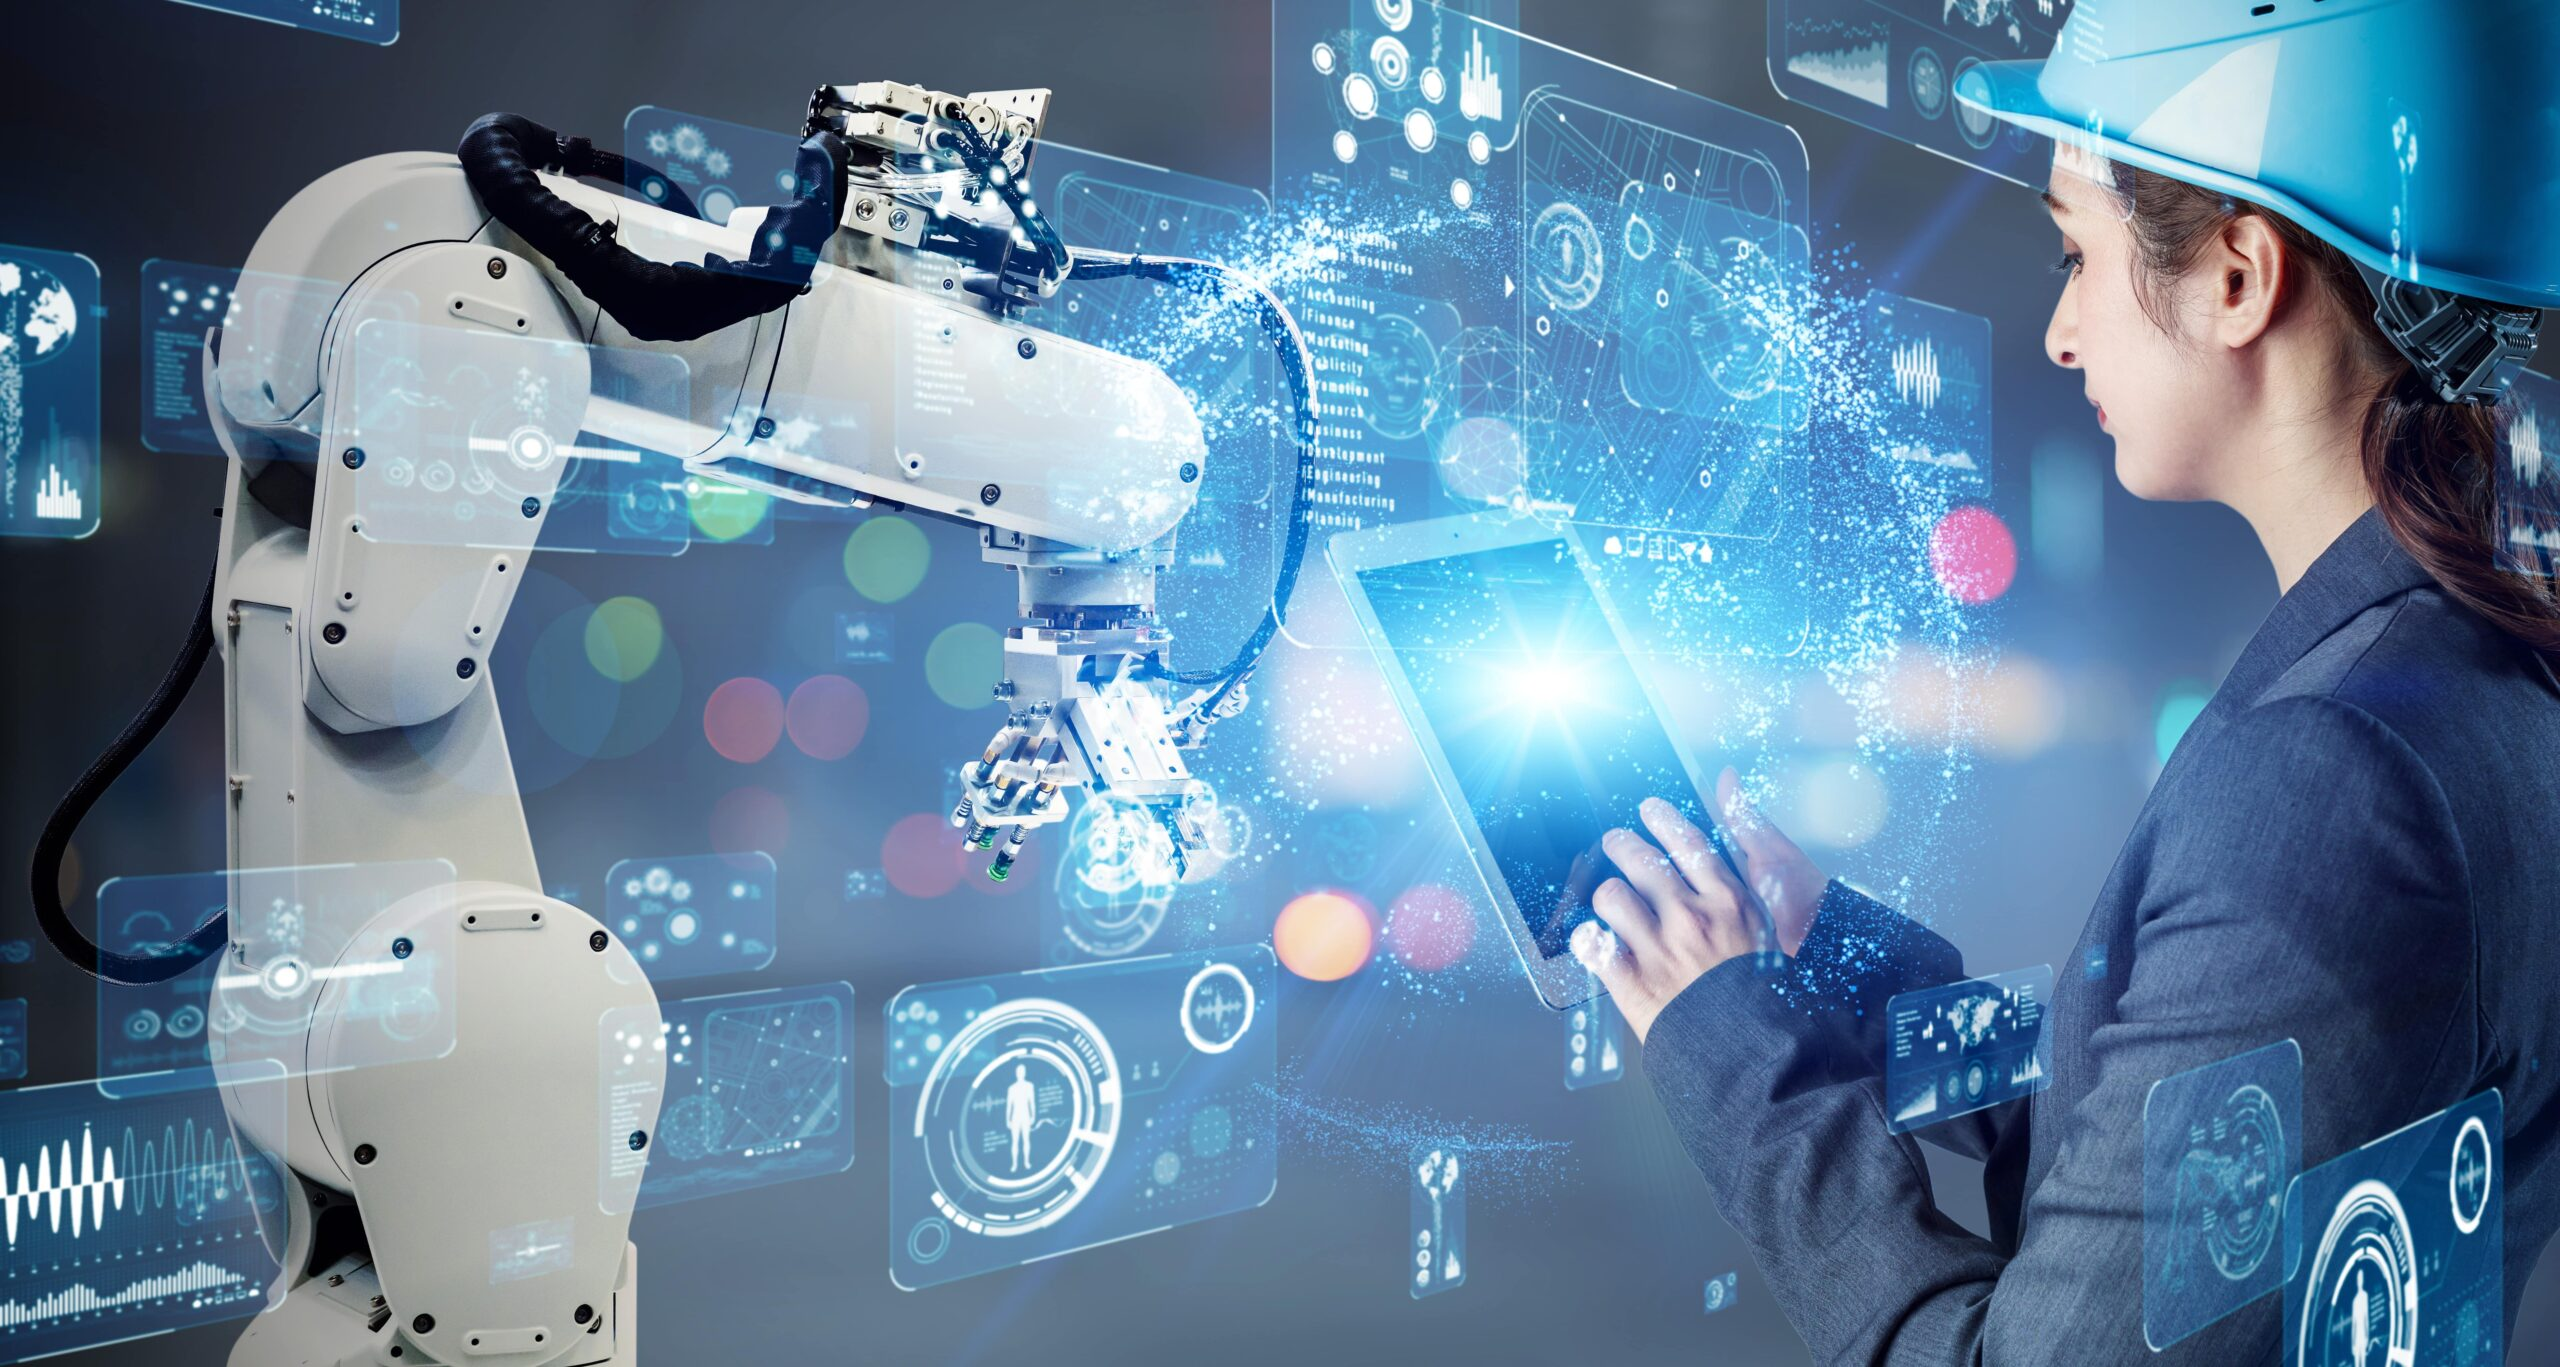 Digitalisierung in der Industrie: Die Chance erkennen und nutzen